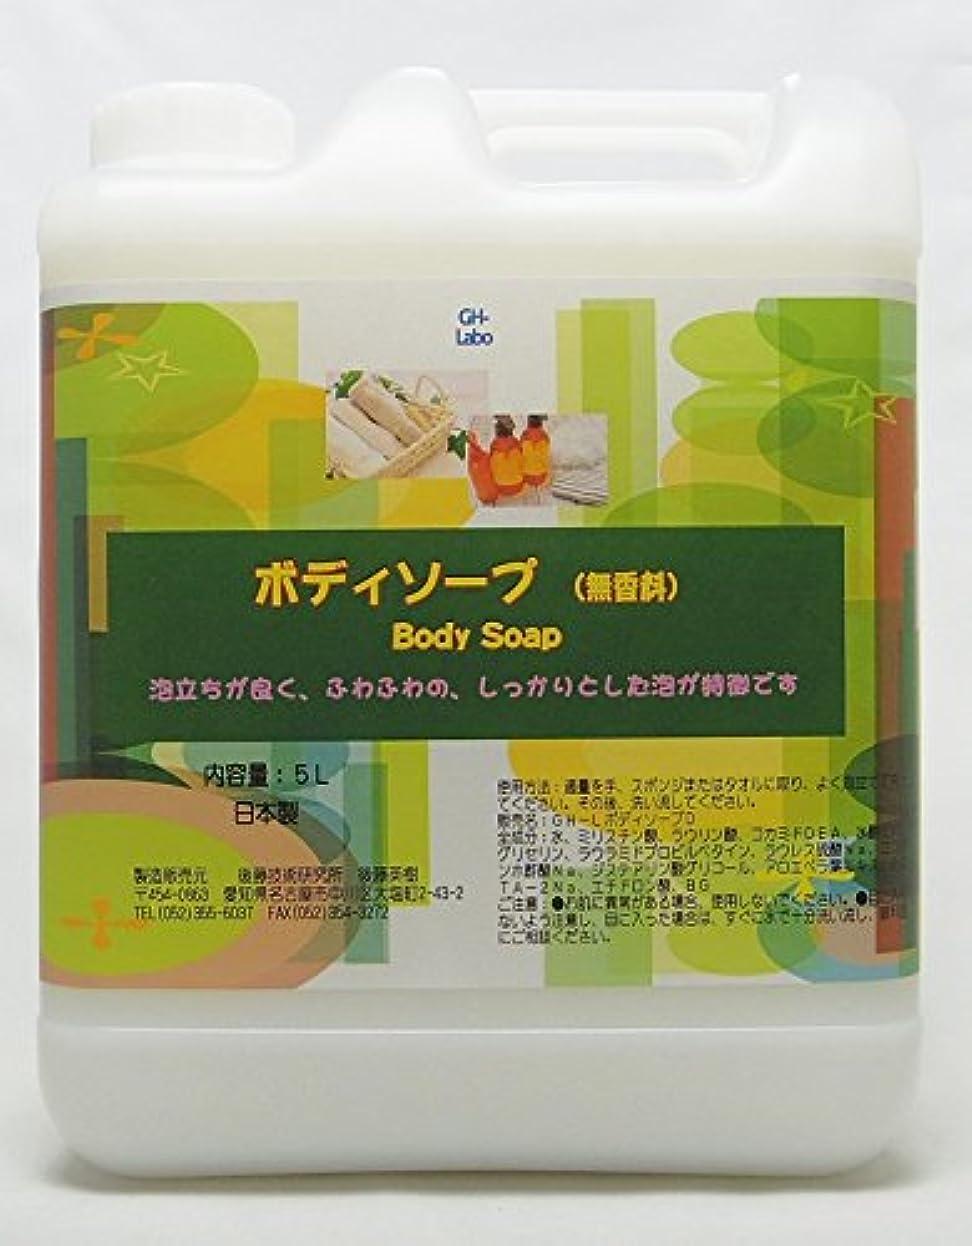 ピジンあざはっきりとGH-Labo 業務用ボディソープ 無香料 5L